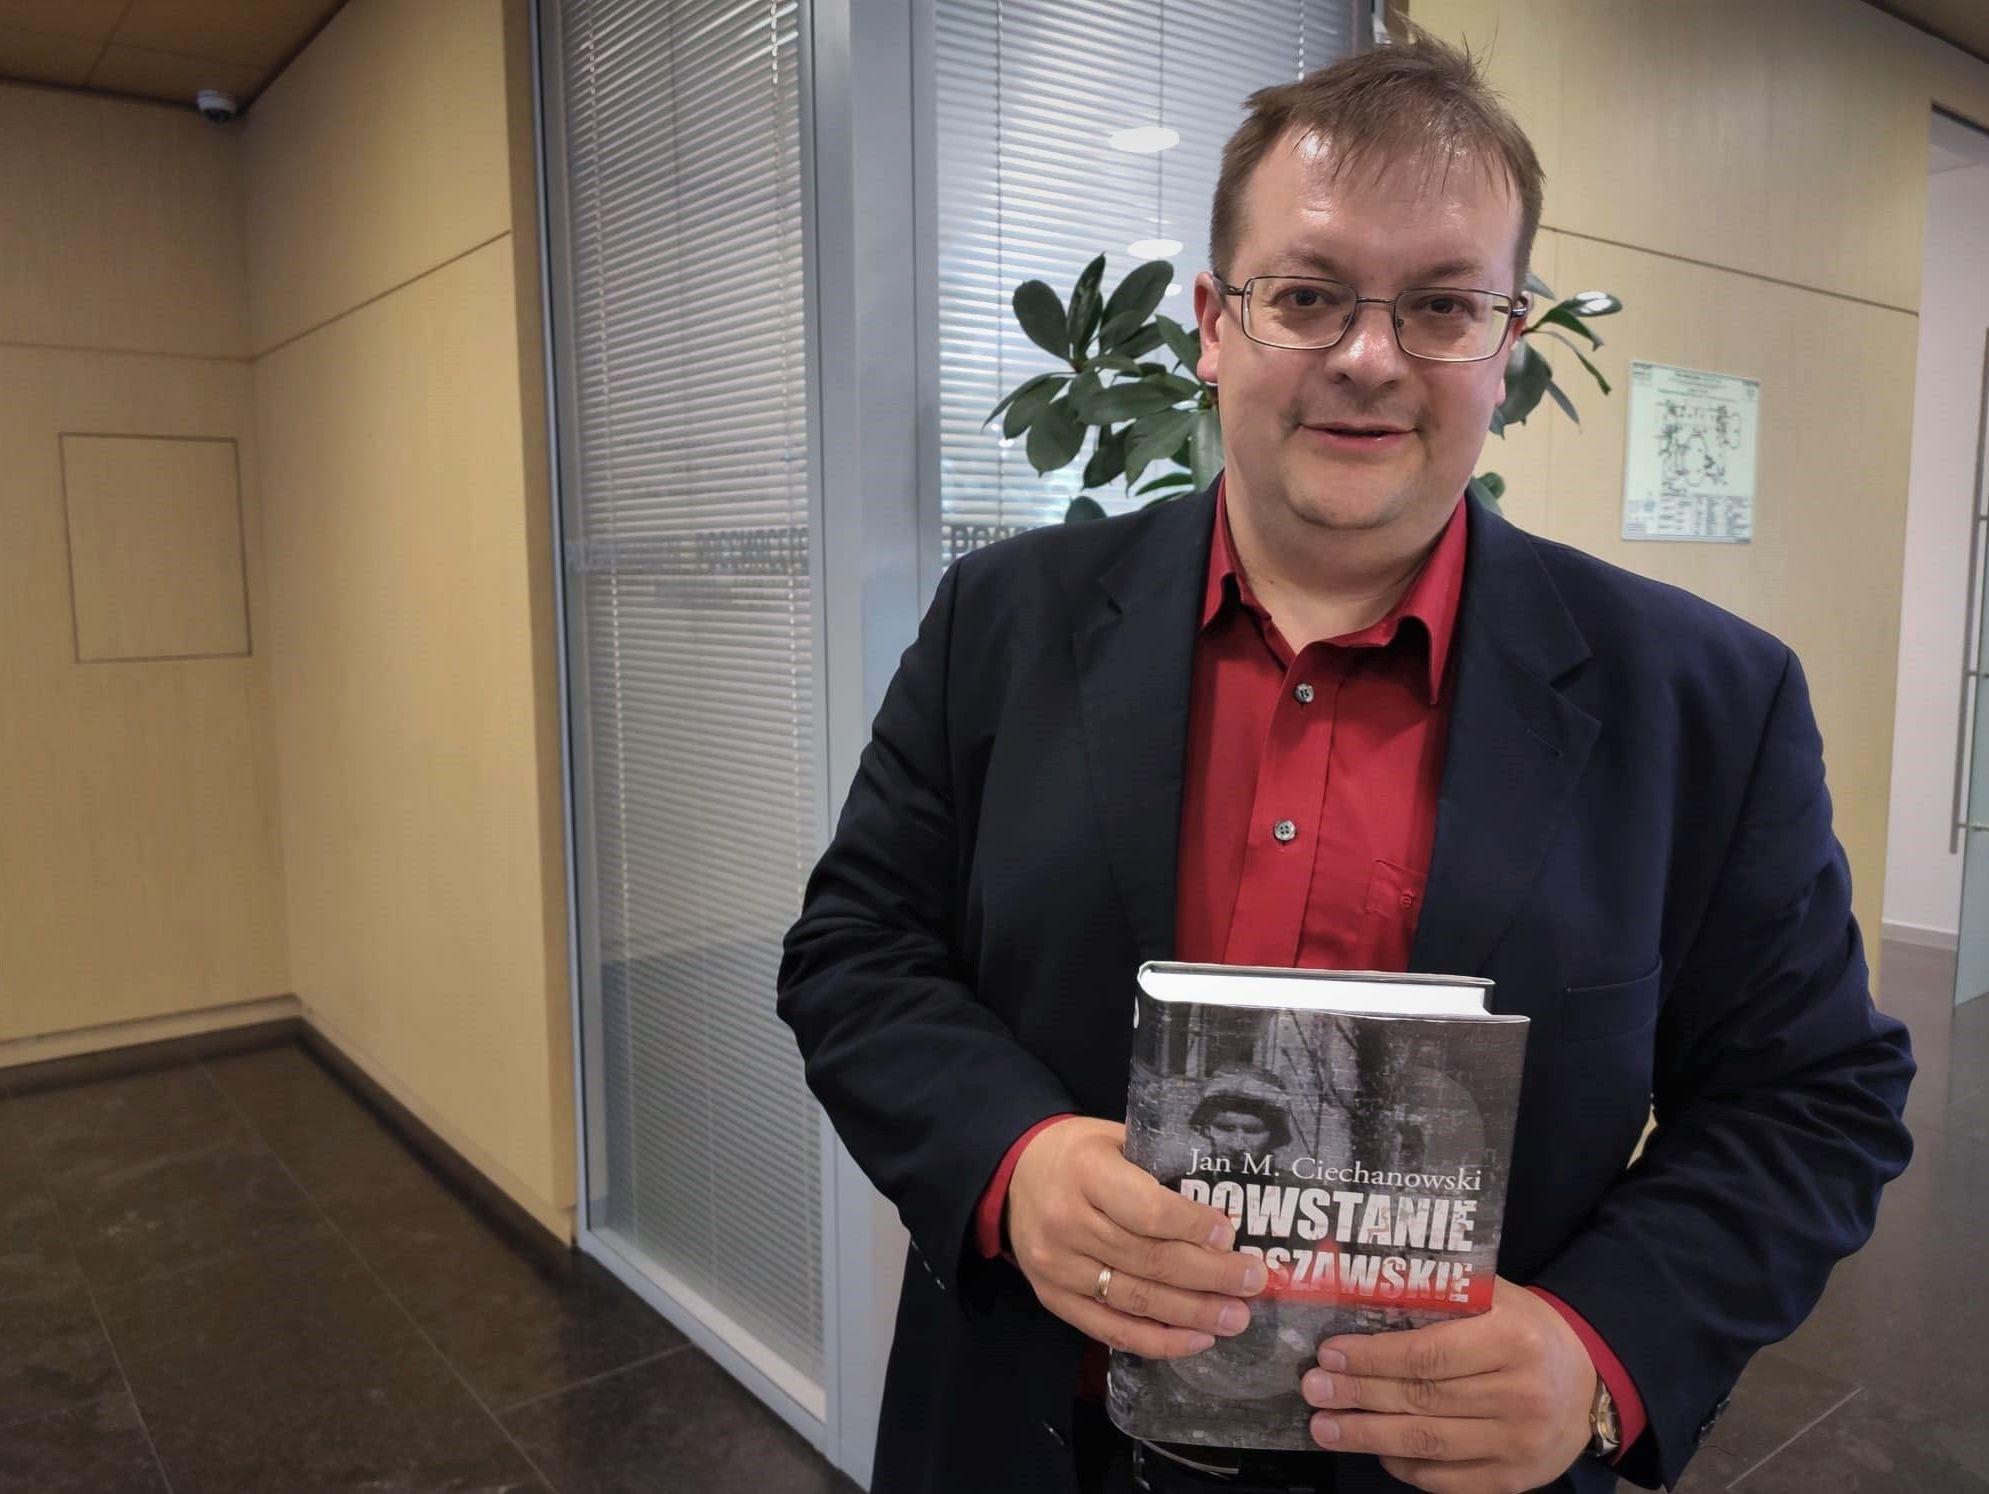 Historyk Aleksiej Isaew z książką o Powstaniu Warszawskim